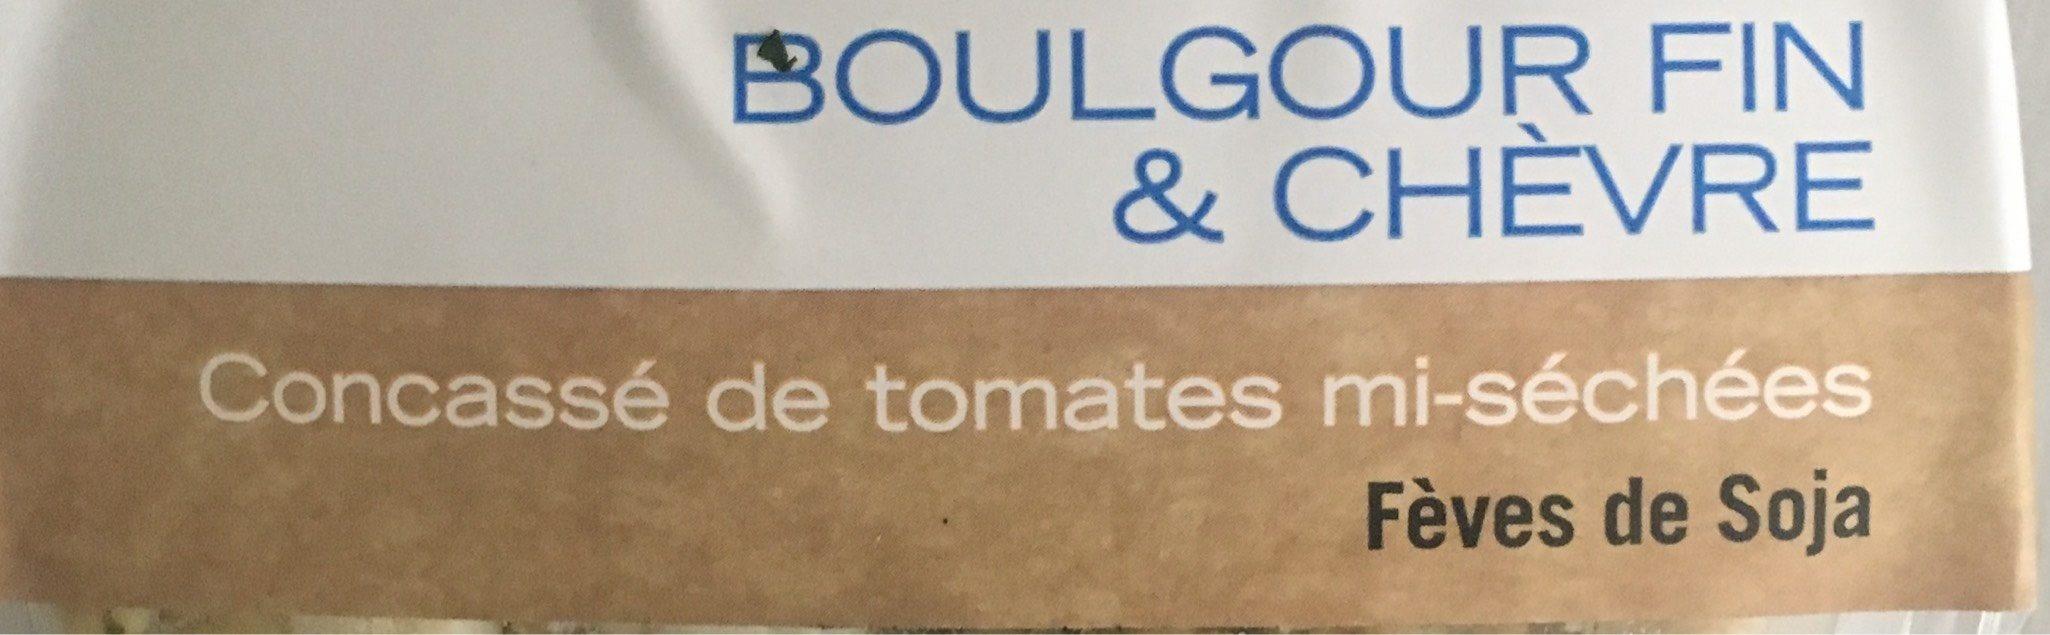 Boulgour fin et chèvre - Product